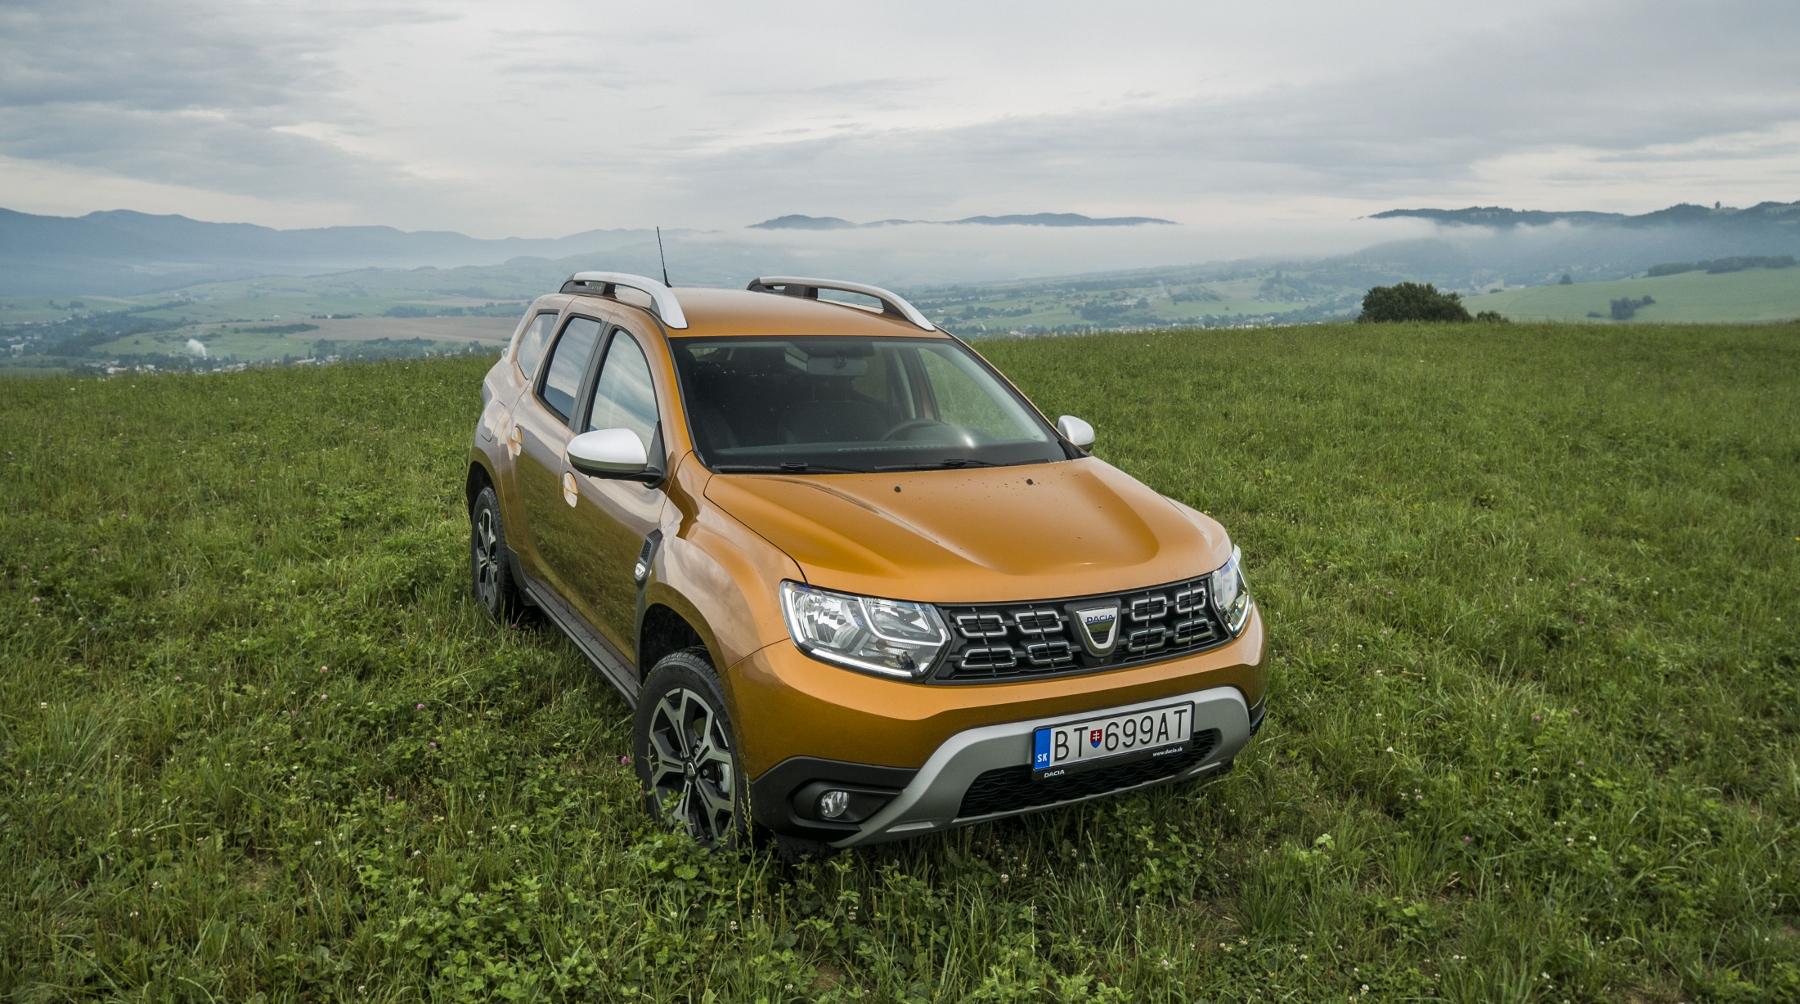 Test: Dacia Duster LPG je voľbou rozumu Vzmrcs0xSg dacia-duster-lpg-15